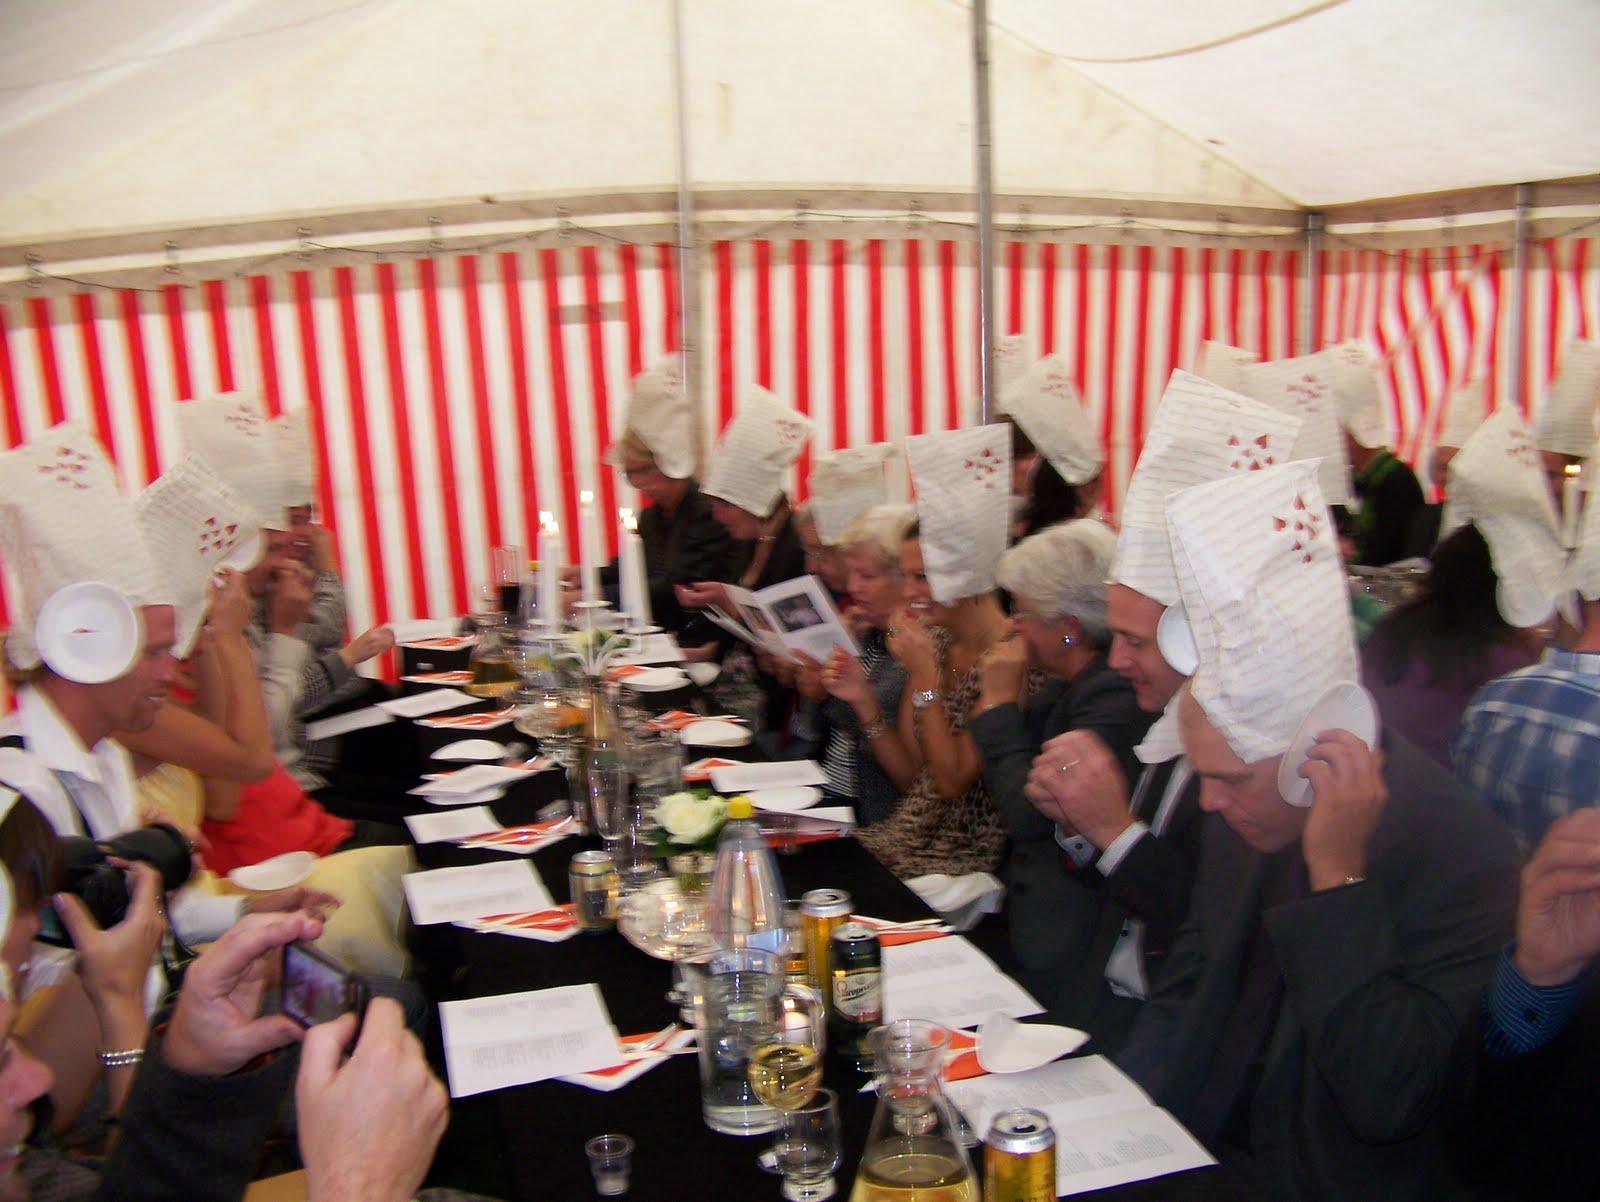 lekar 40 års fest Triss i tösar: 40 års fest /bröllop lekar 40 års fest